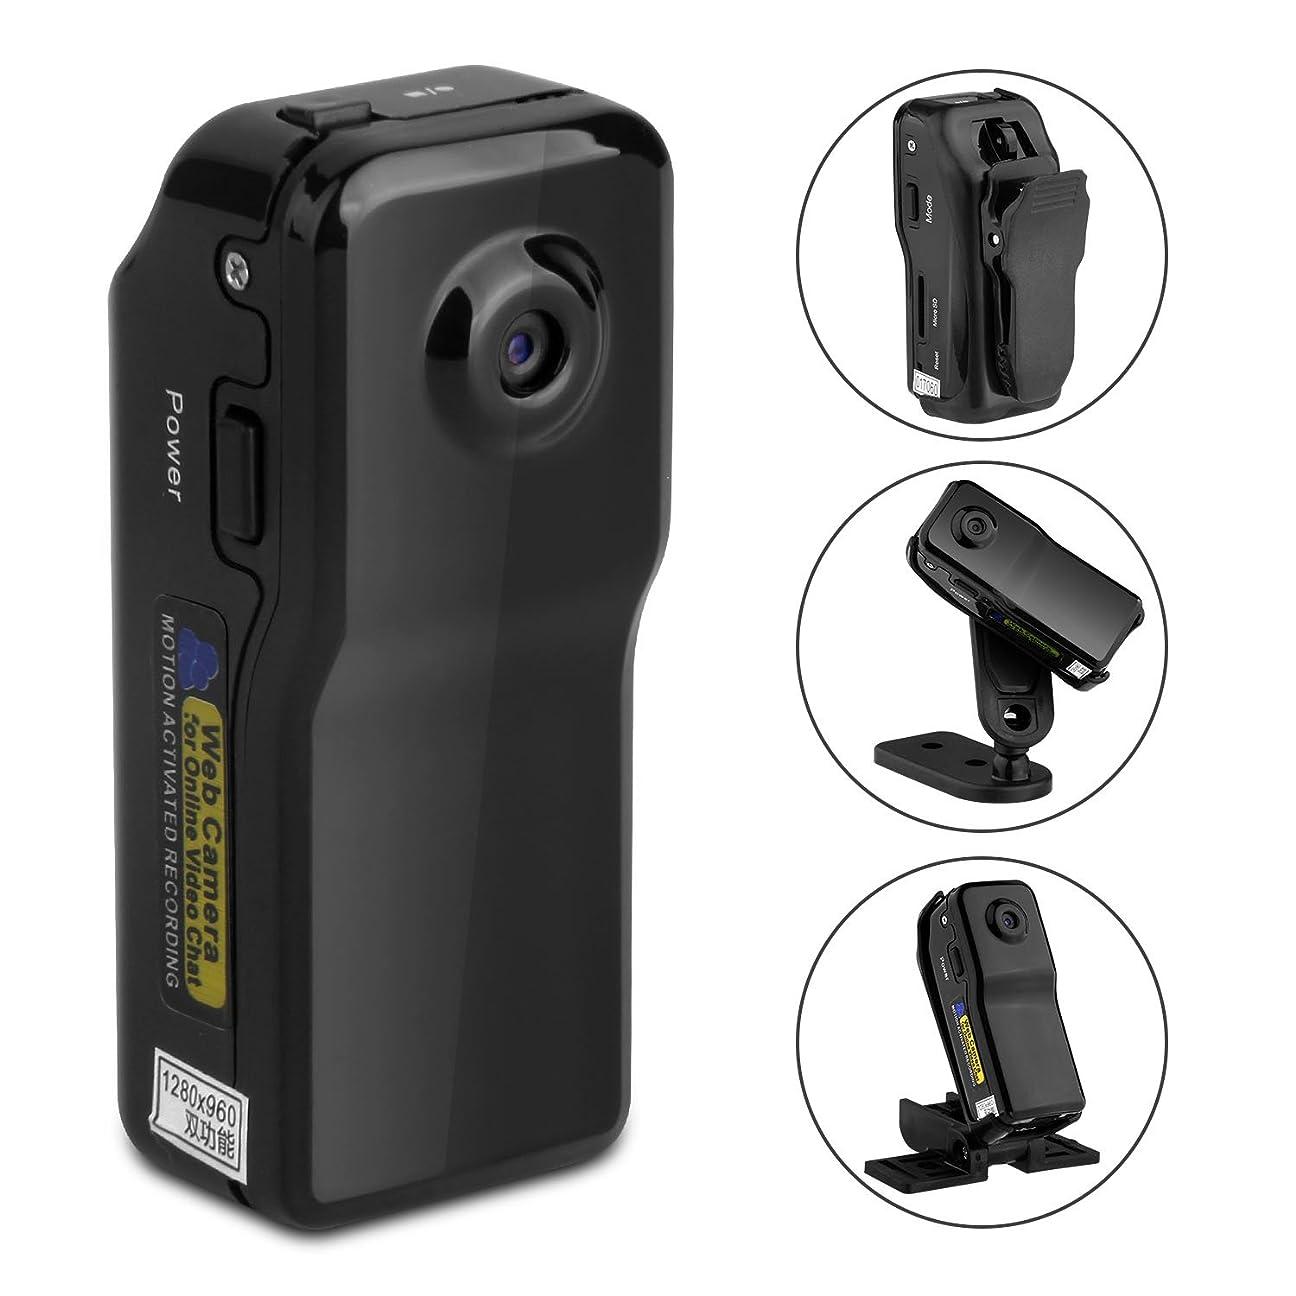 モチーフテント創傷Hltd ミニ隠しカメラ 小型カメラ HD防犯監視カメラ ムービーカメラ小型 防犯監視カメラ スターライトカメラ 暗視カメラ HD高画質 暗視撮影 音検知機能 高解像度1280×960P